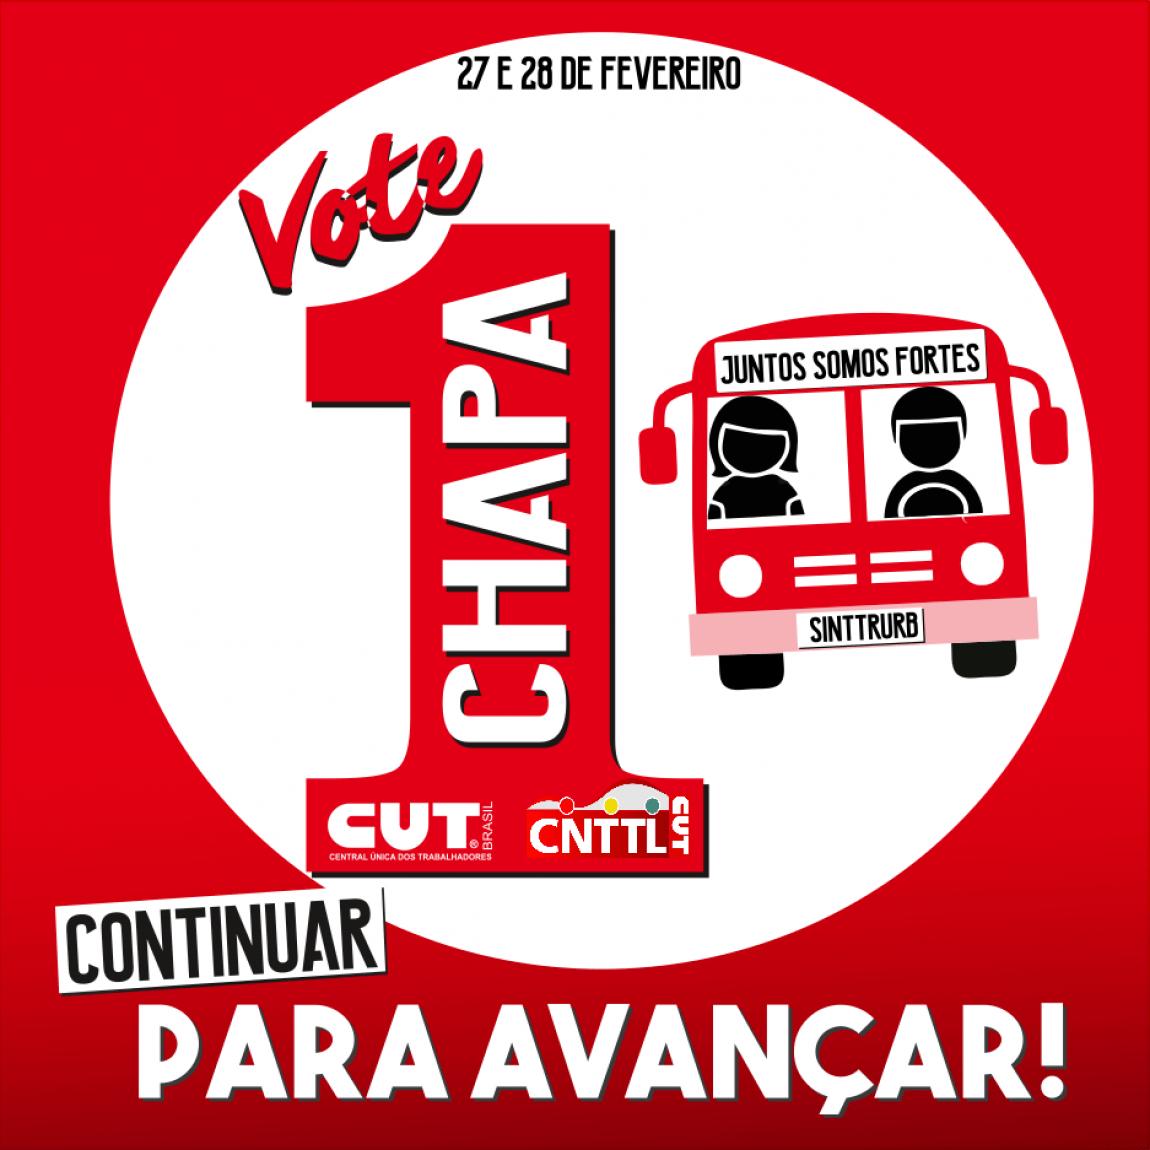 Imagem de Uberlândia: CNTTL apoia Chapa 1 do Sindicato dos Trabalhadores no Transporte Coletivo e Urbano